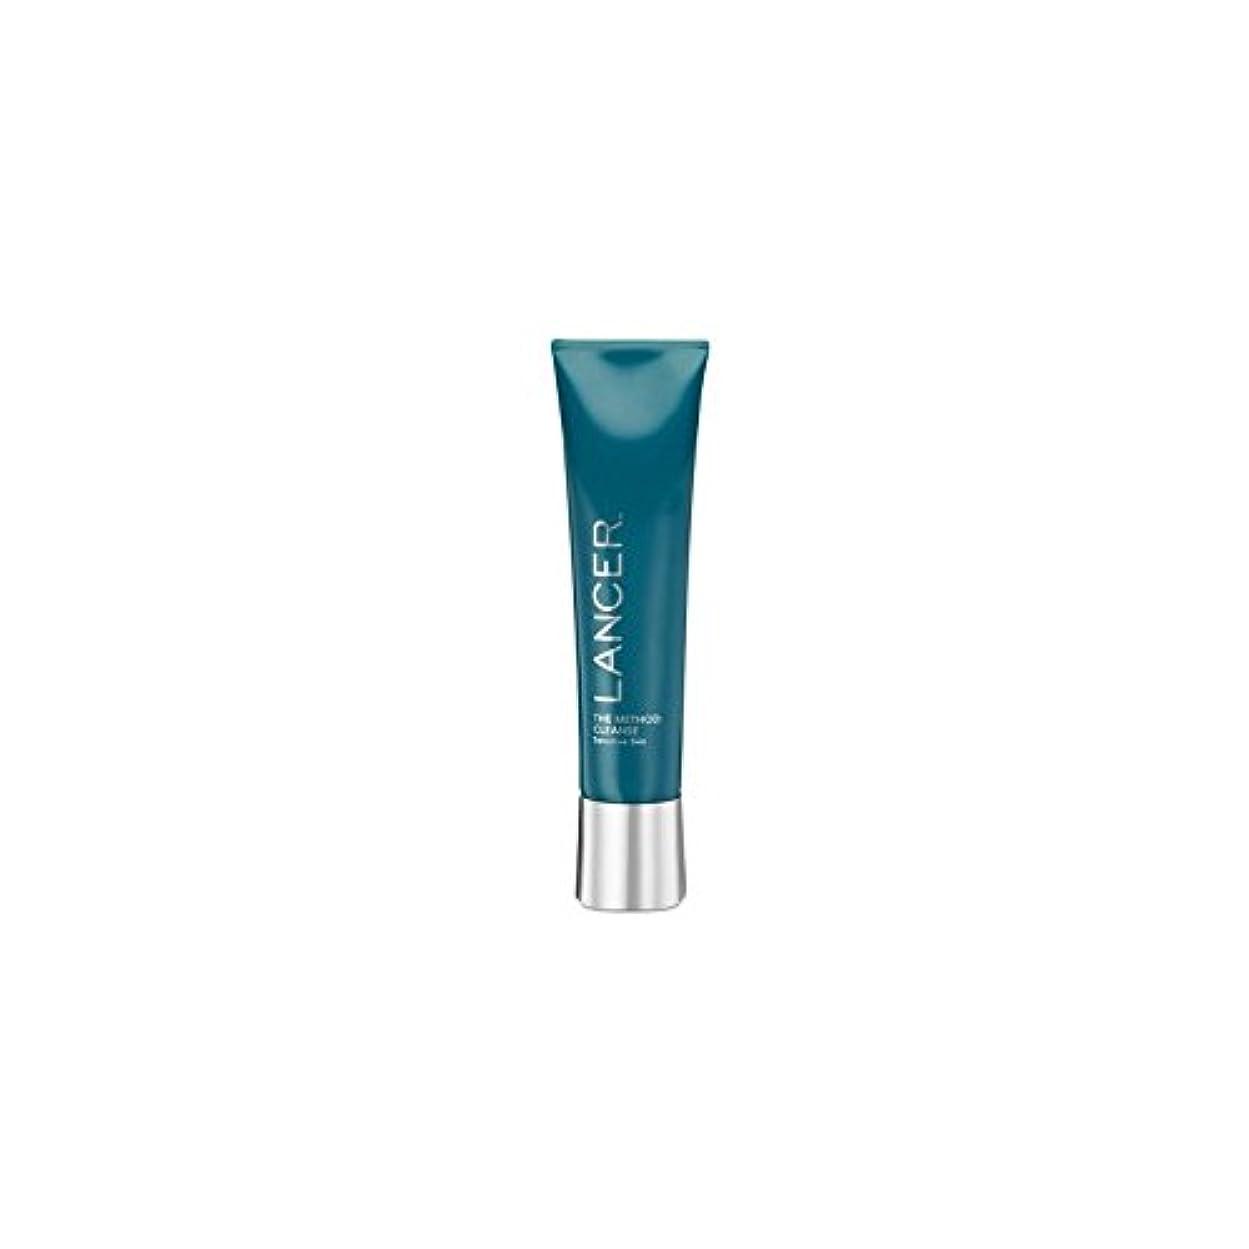 国ギャザー農学Lancer Skincare The Method: Cleanser Sensitive Skin (120ml) (Pack of 6) - クレンザー敏感肌(120ミリリットル):ランサーは、メソッドをスキンケア...